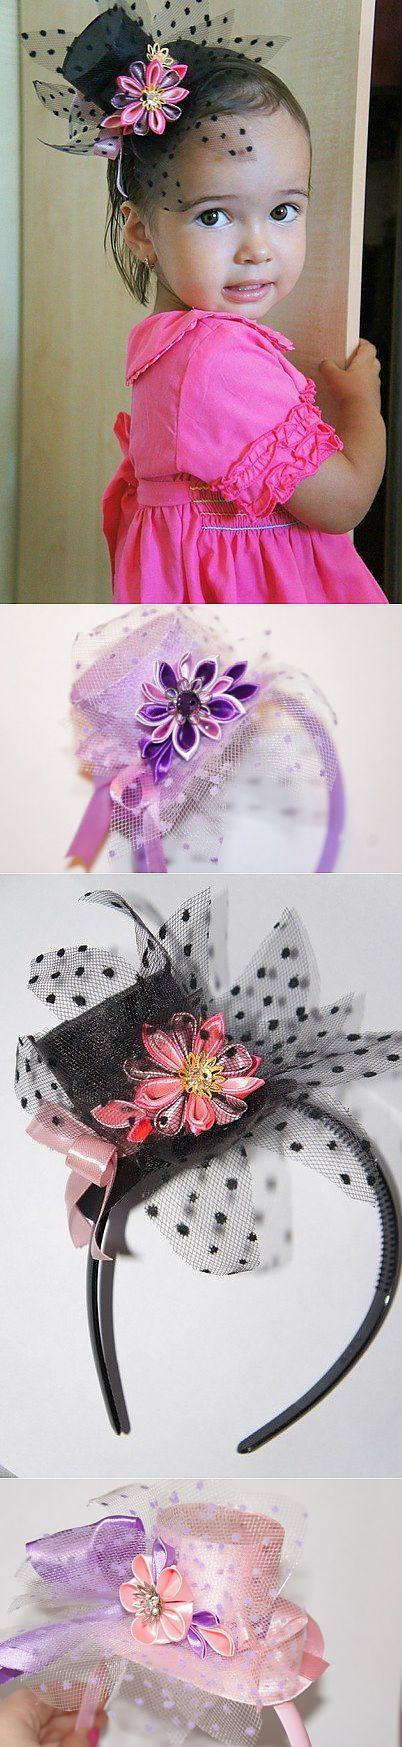 Шляпки-цилиндры для маленьких леди.. | Рукоделие-Канзаши-Вышивка Лентами. | Постила